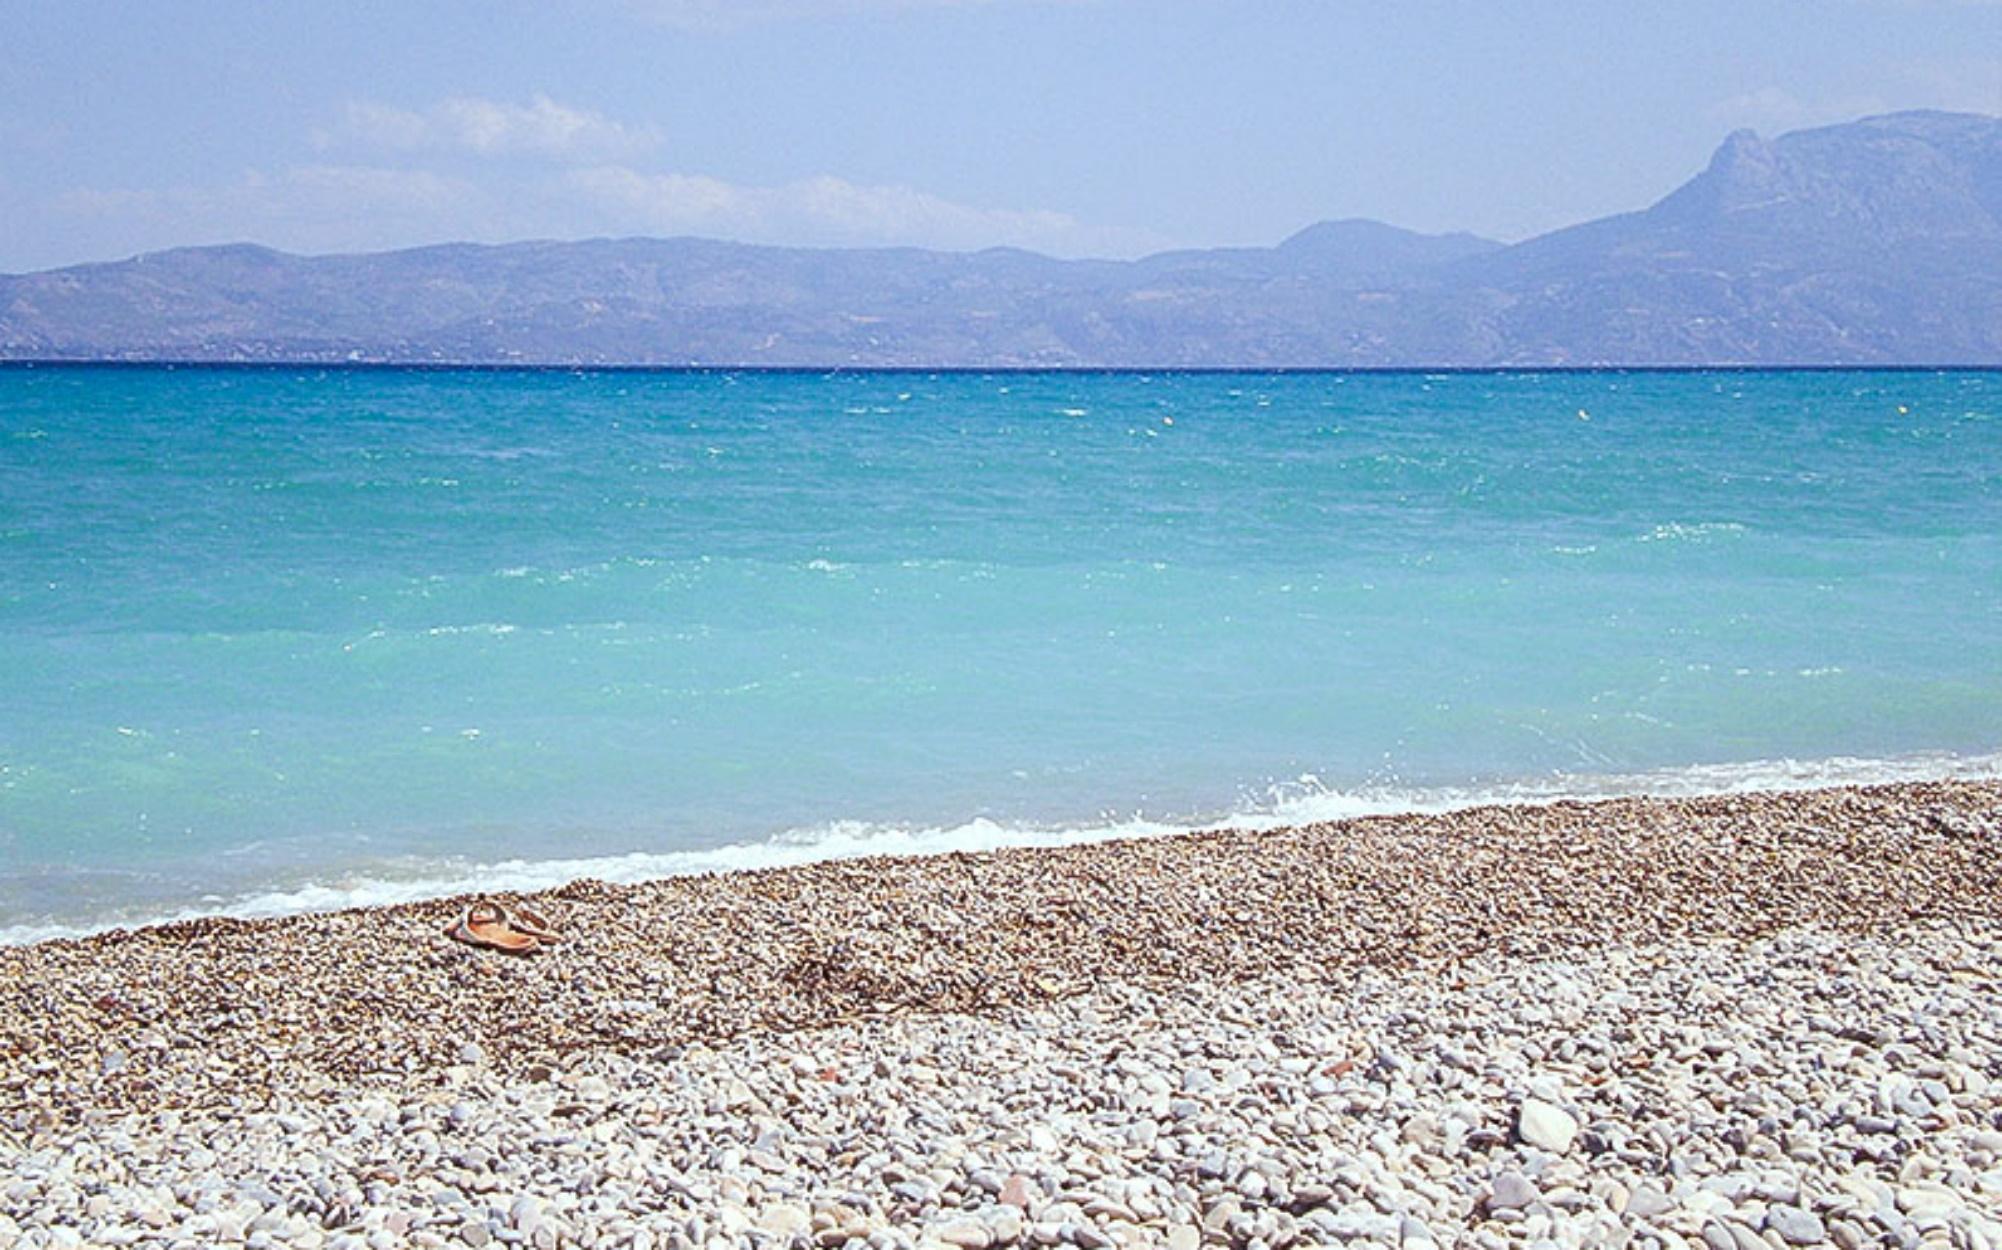 Θεσσαλονίκη: «Βροχή» οι κρατήσεις σε beach bar της Επανομής – Τι προβληματίζει τους επιχειρηματίες